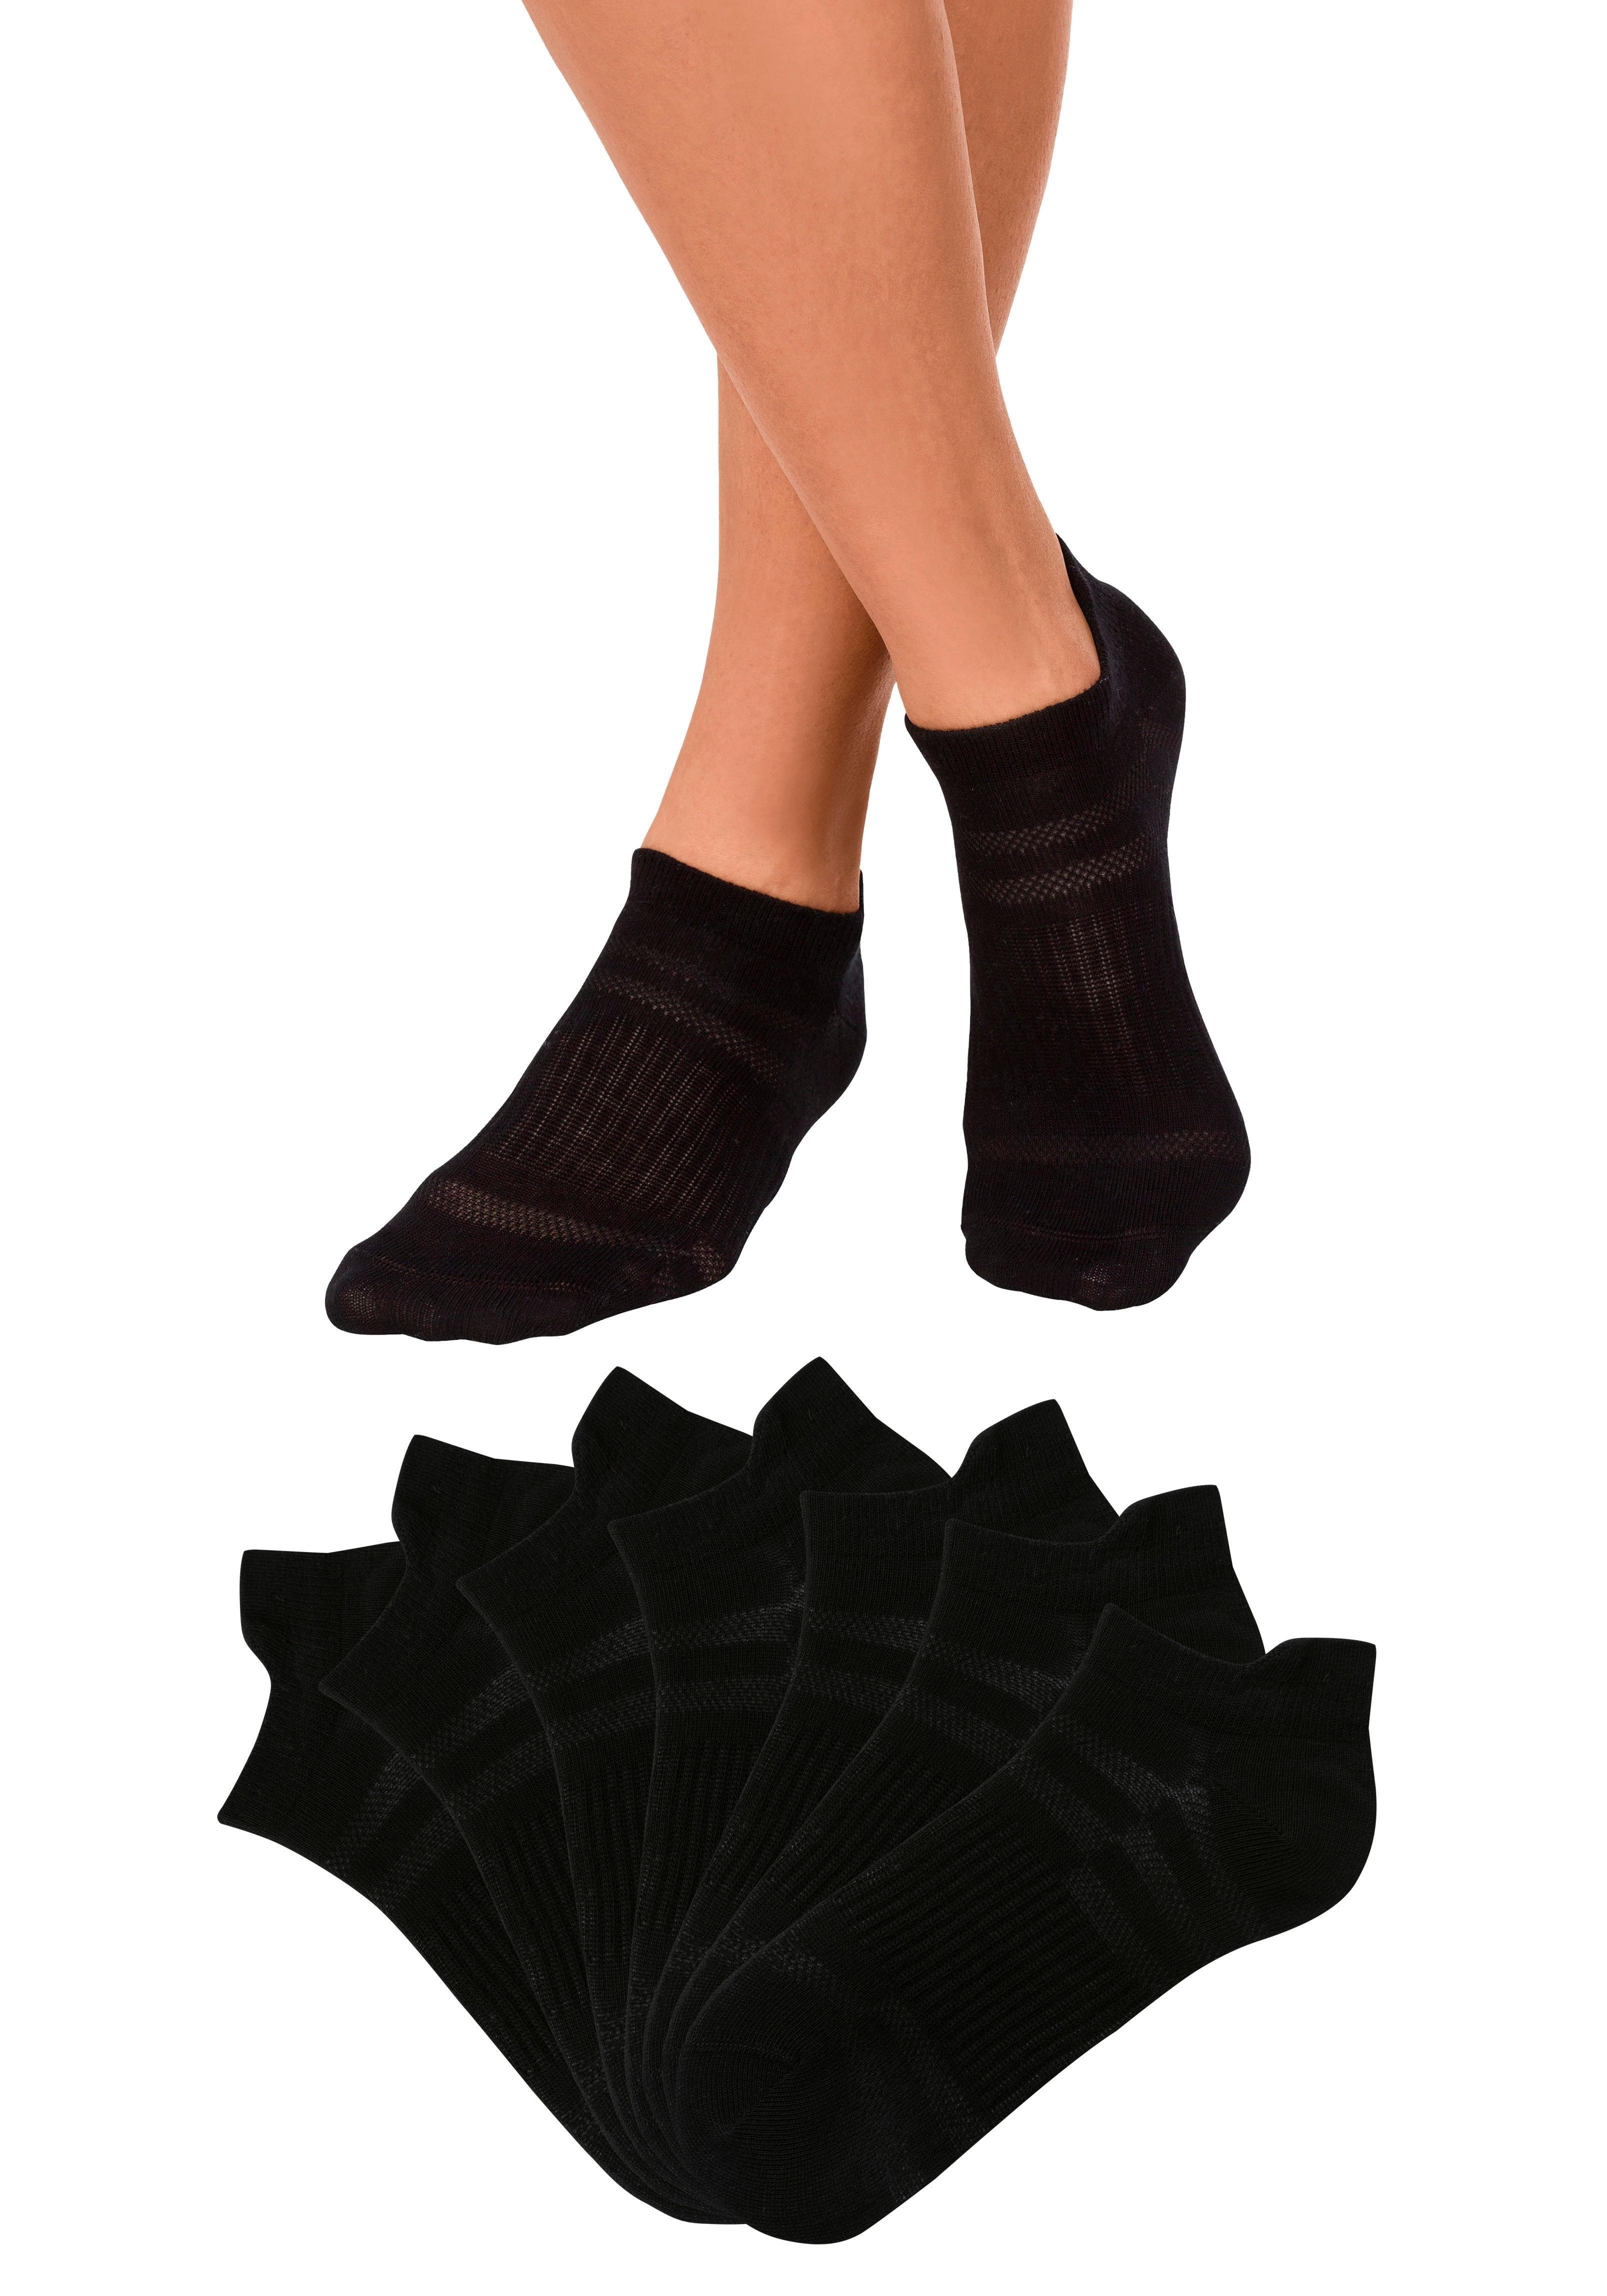 Op zoek naar een LASCANA ACTIVE active by LASCANA sneakersokken (7 paar)? Koop online bij Lascana